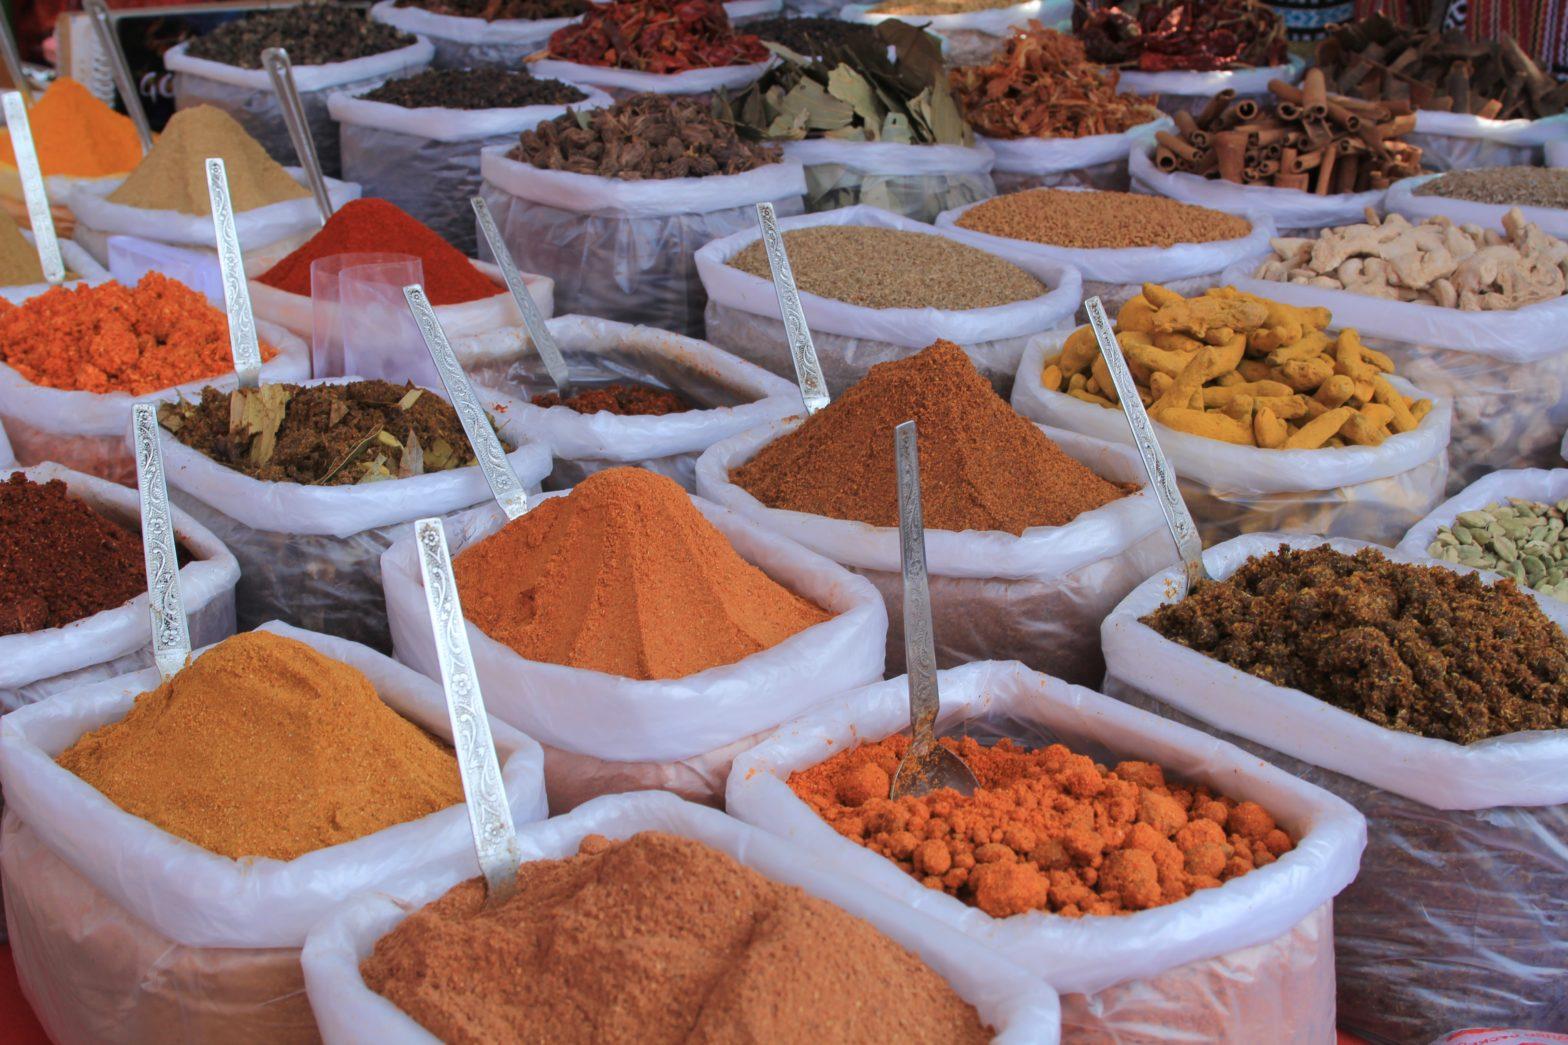 Säcke voll mit bunte pulverisierte Gewürze auf einem Markt